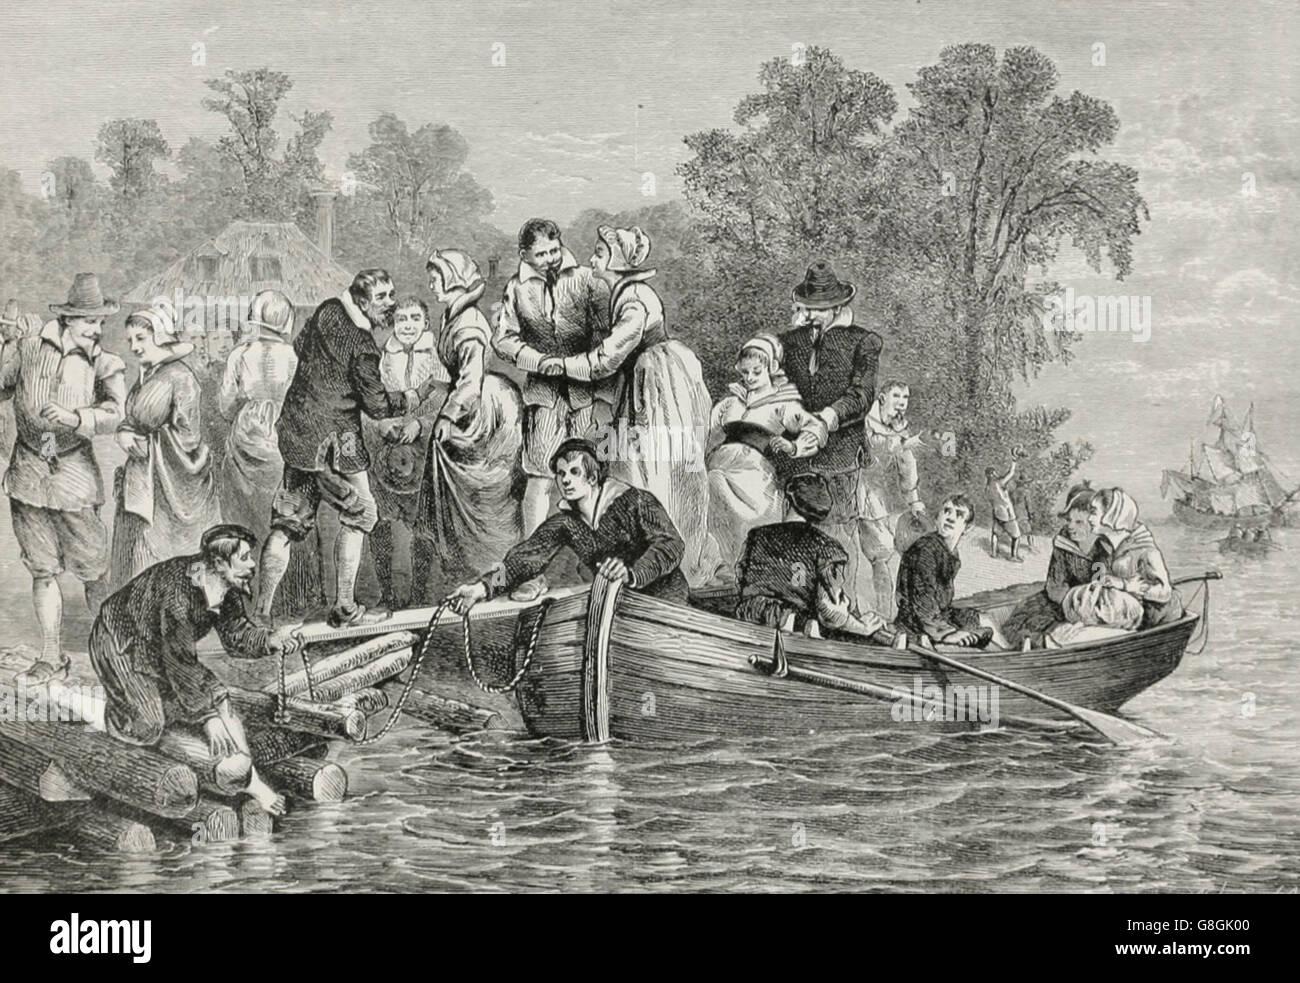 Einfuhr von Frauen für die Siedler Jamestown, ca. 1620 Stockbild